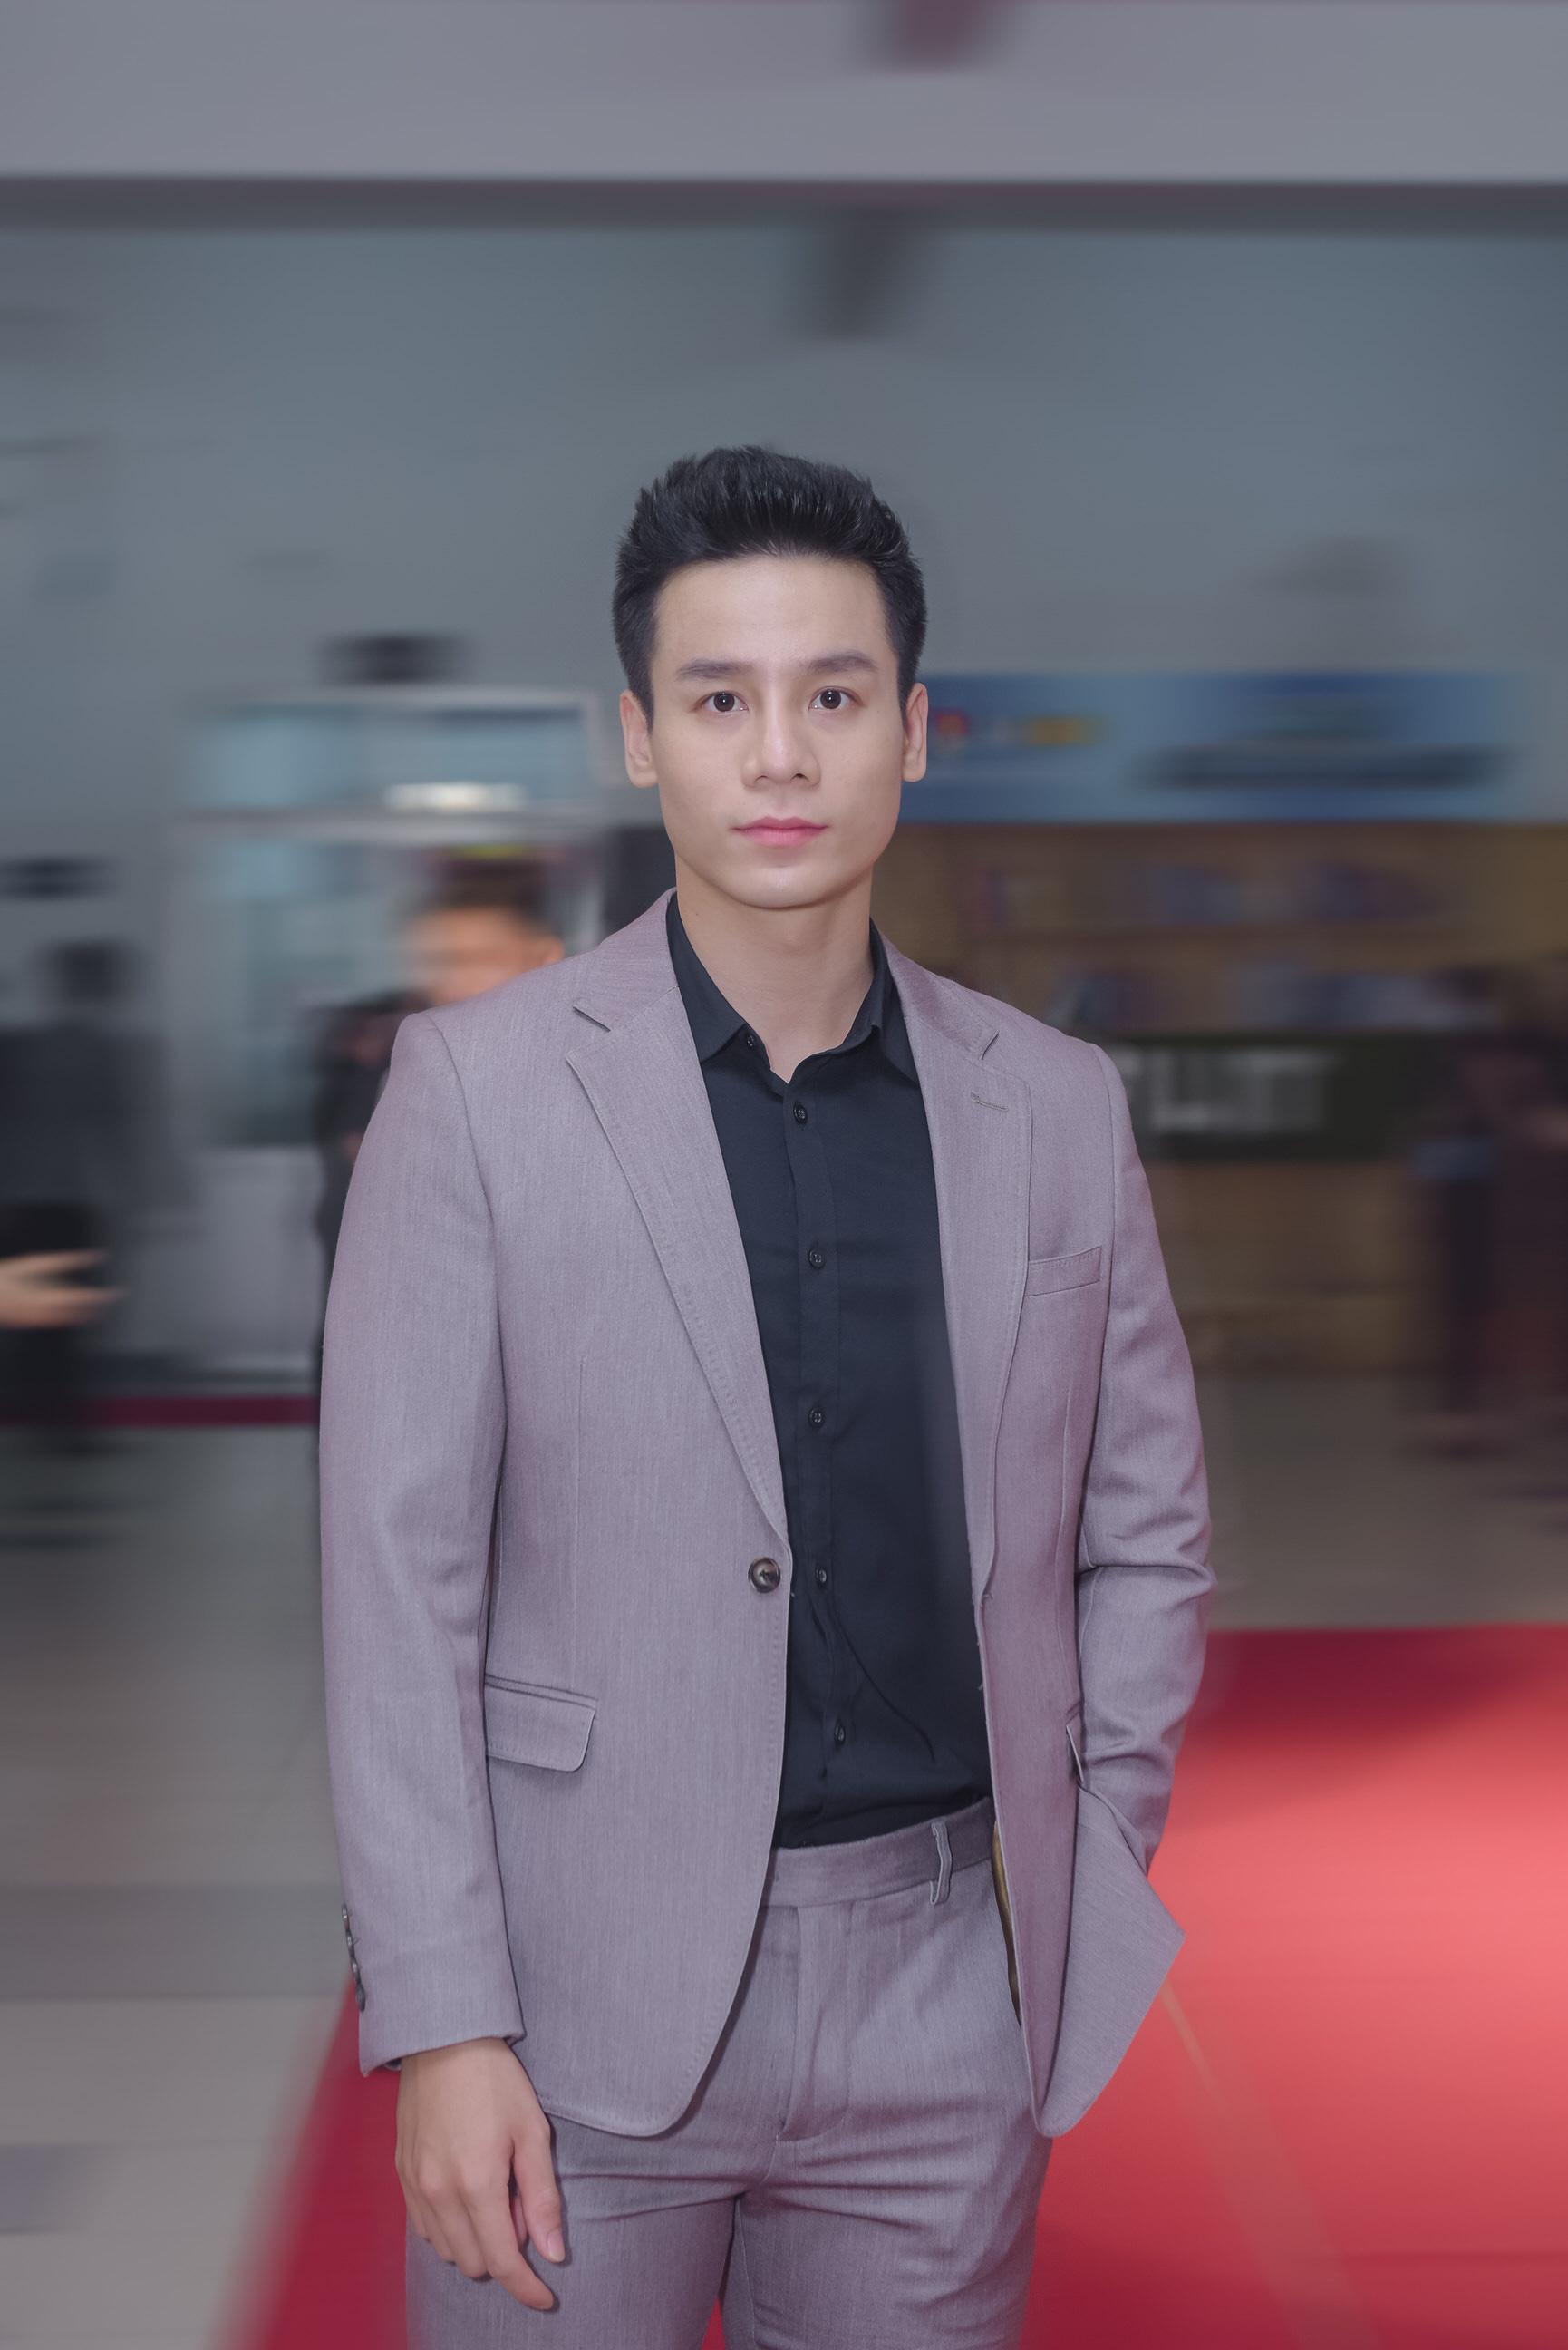 """Nam vương Cao Xuân Tài: """"Lần đầu chạm ngõ điện ảnh, tôi được đạo diễn Bá Cường hỗ trợ rất nhiều"""" - Ảnh 1."""